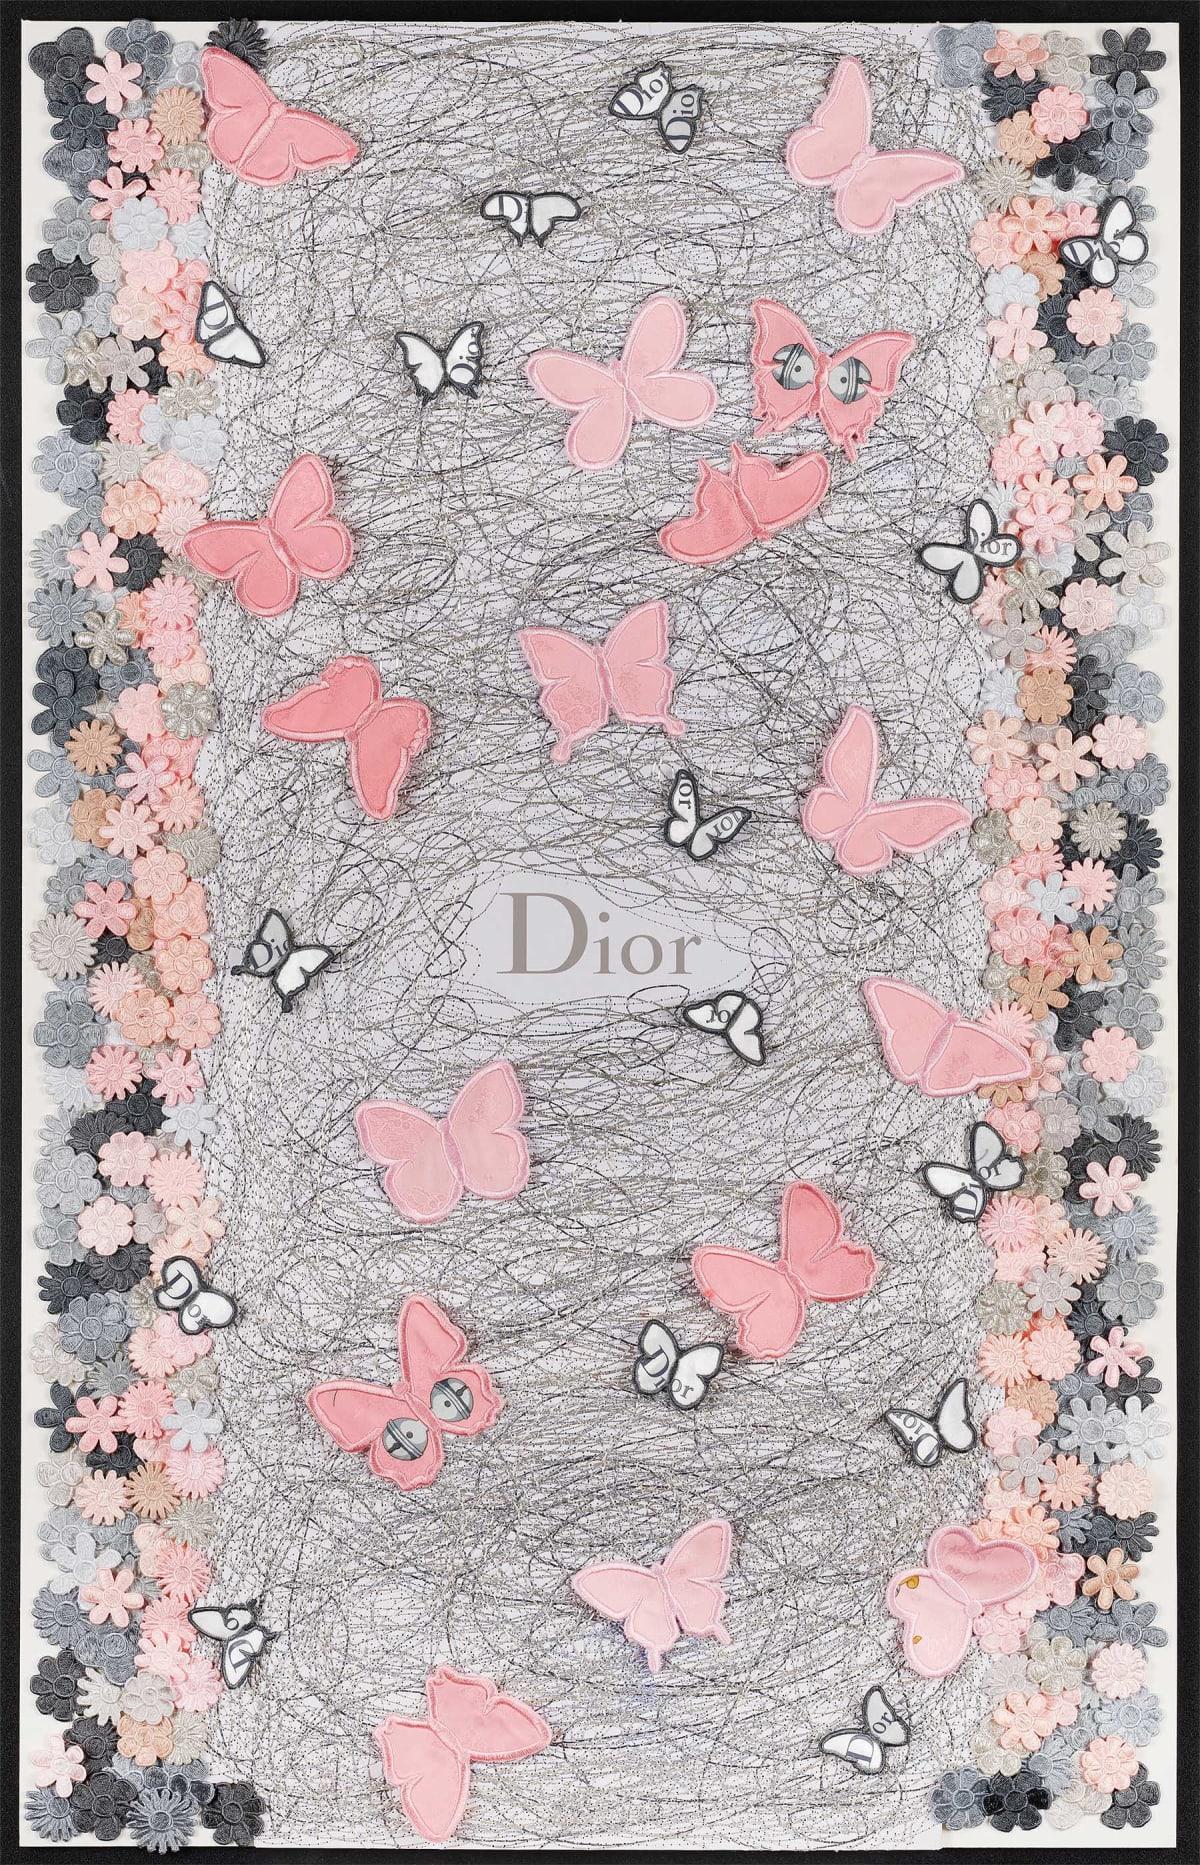 Stephen Wilson, Dior Blush Flutter , 2019